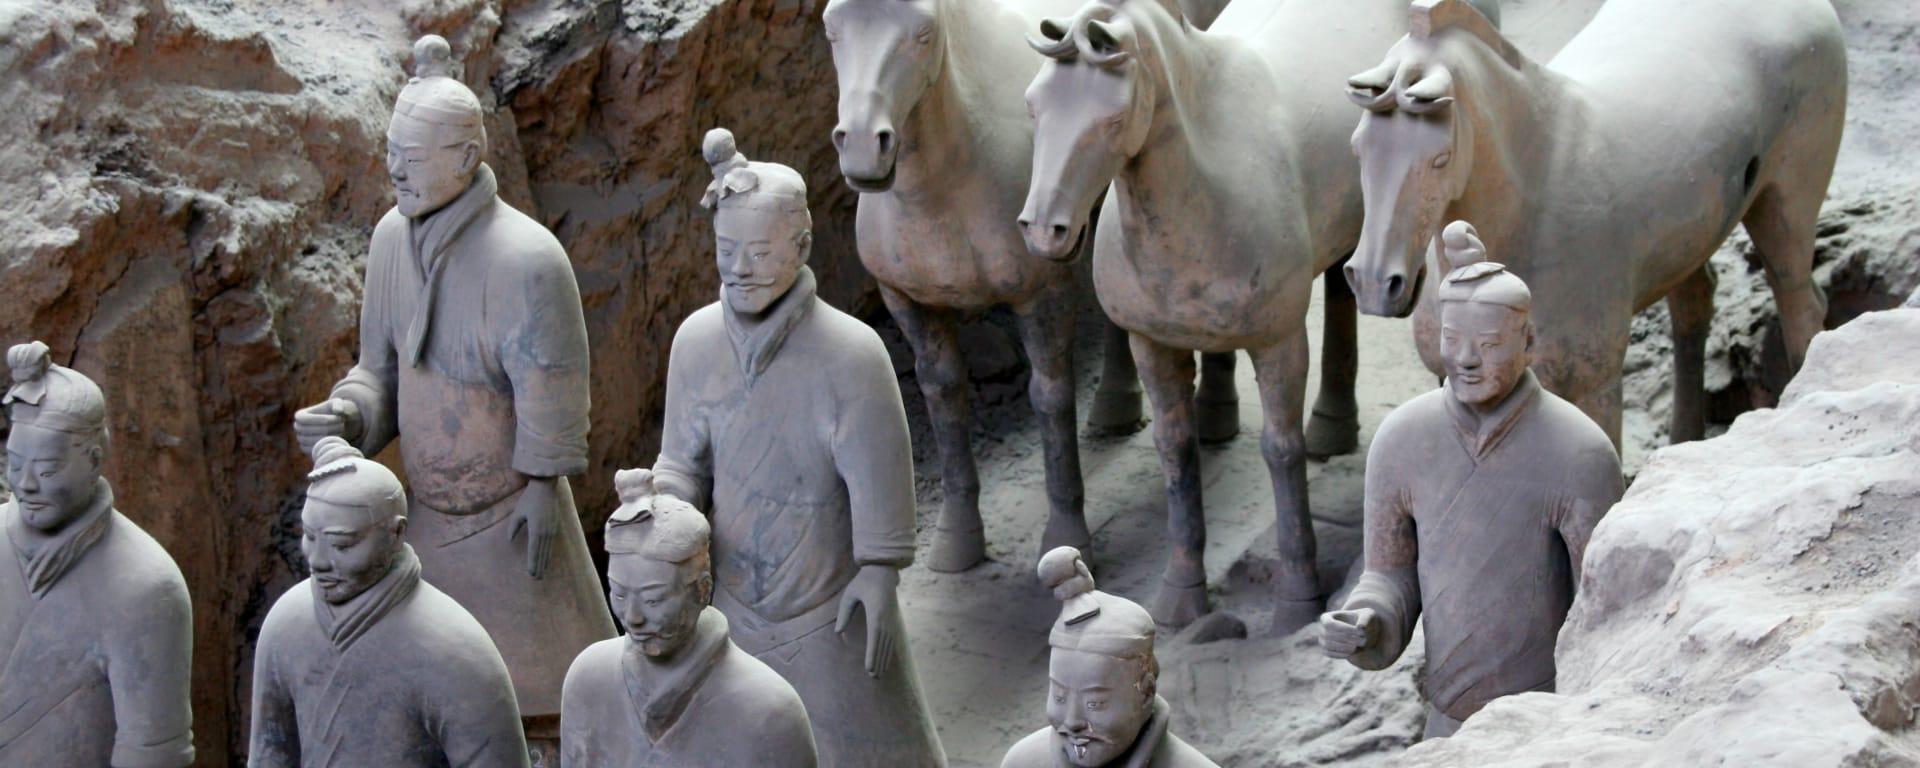 China entdecken mit Tischler Reisen: China Xian Terrakotta Armee